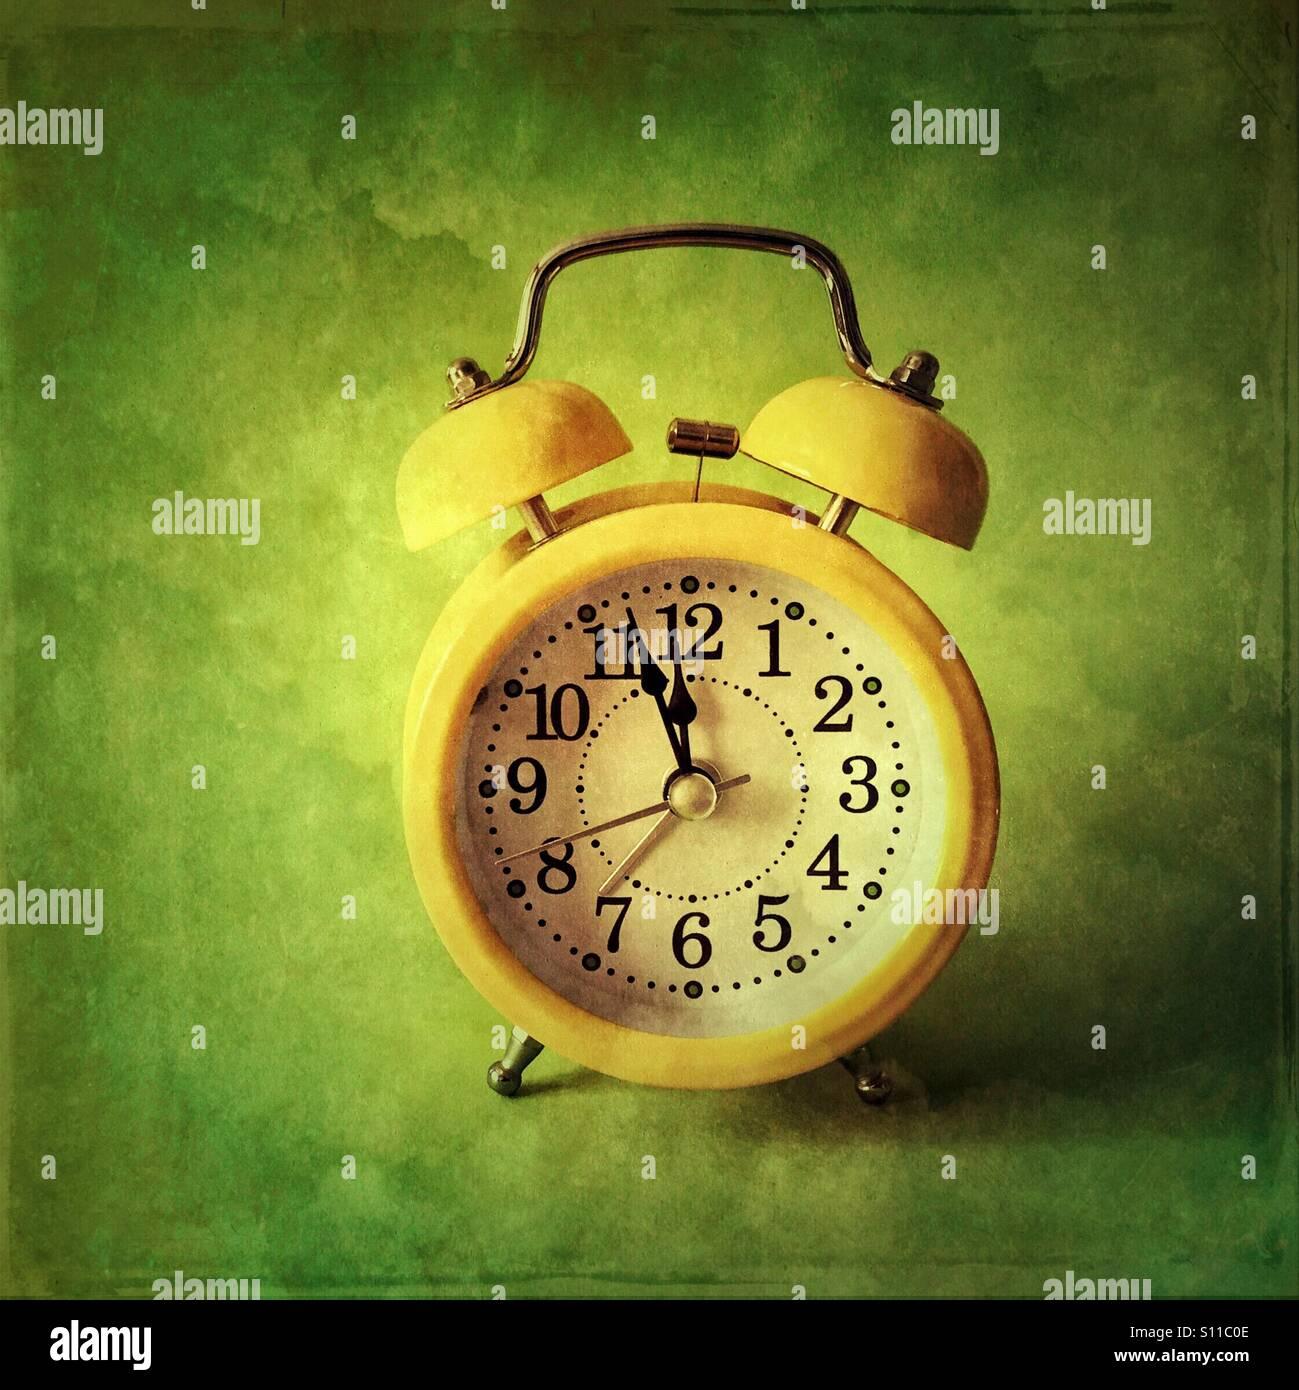 Reloj Despertador retro- tres minutos para la medianoche Imagen De Stock